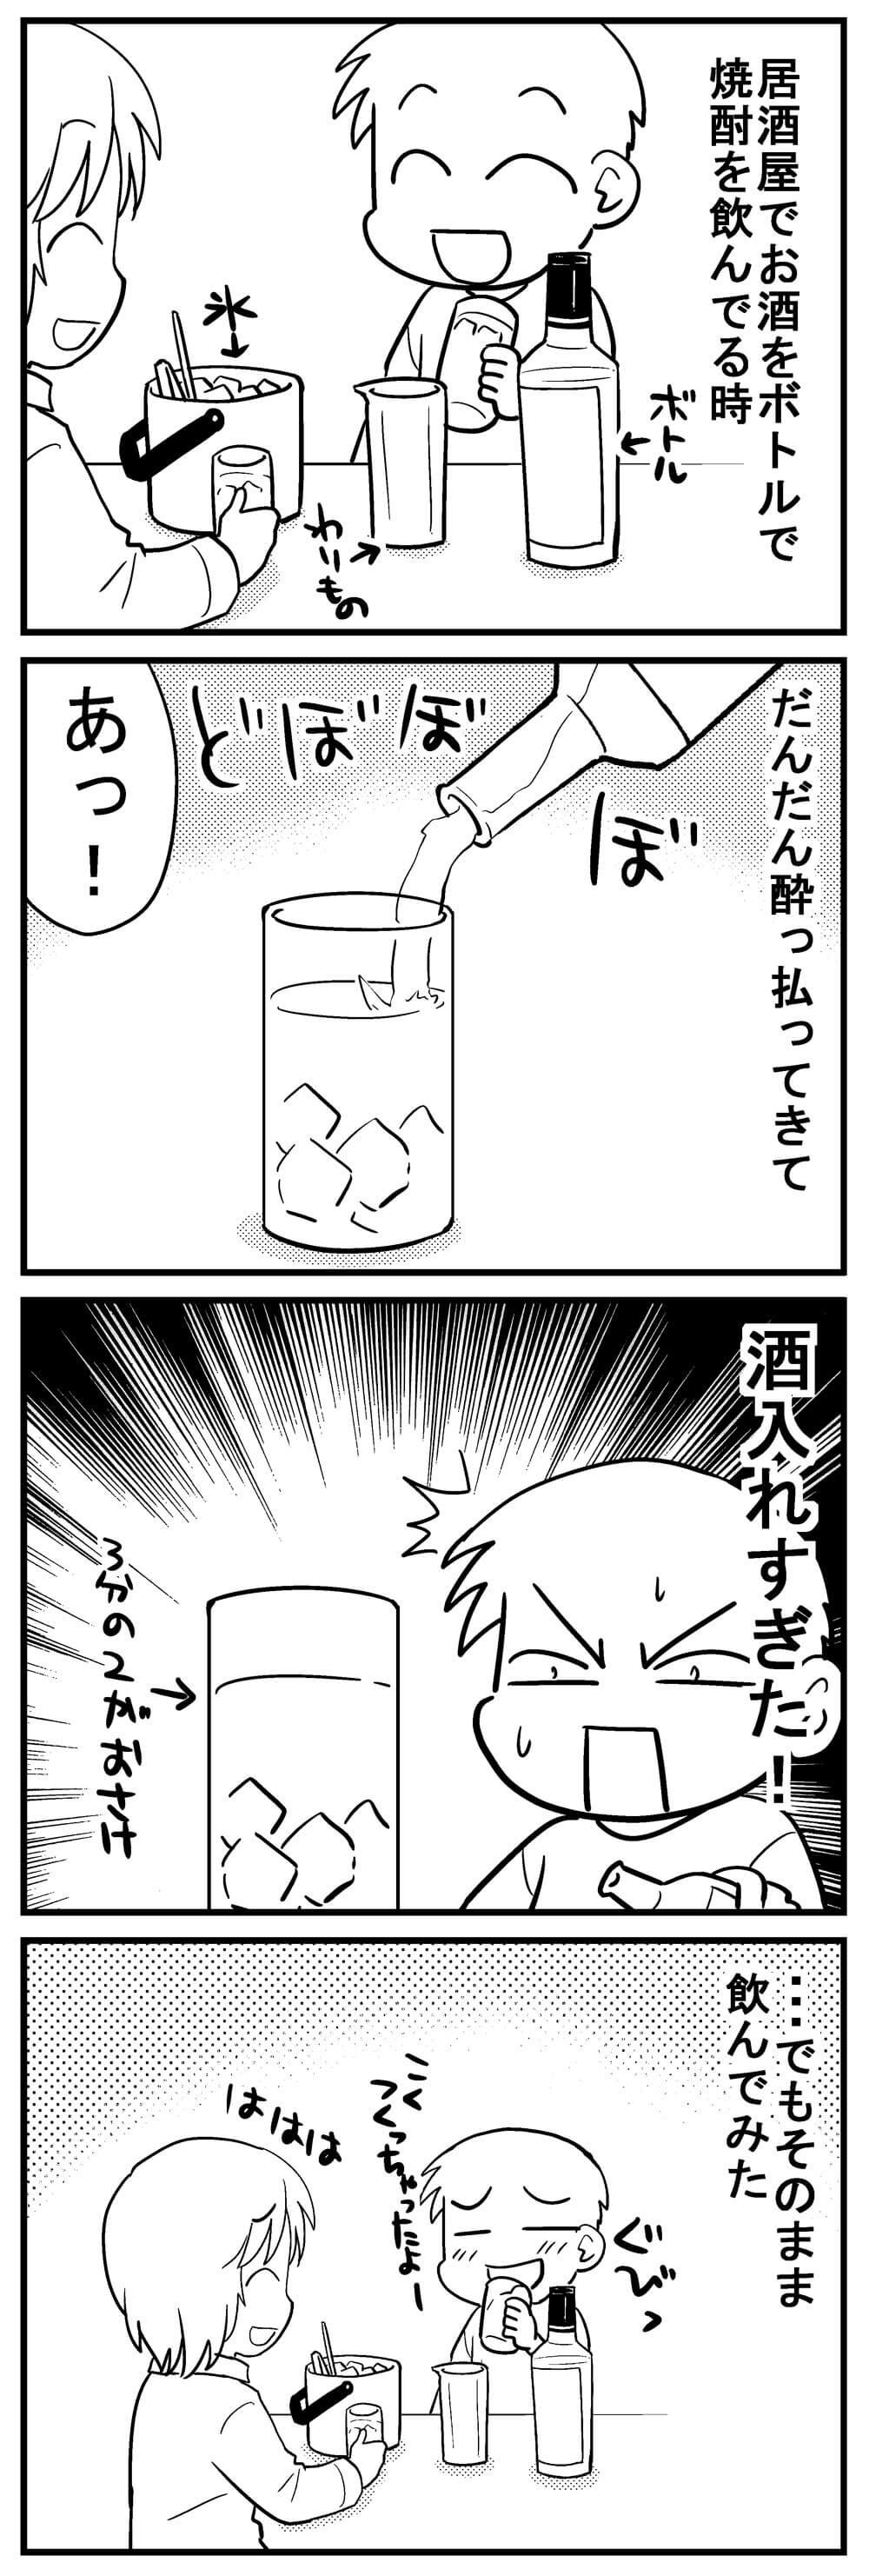 深読みくん150-1